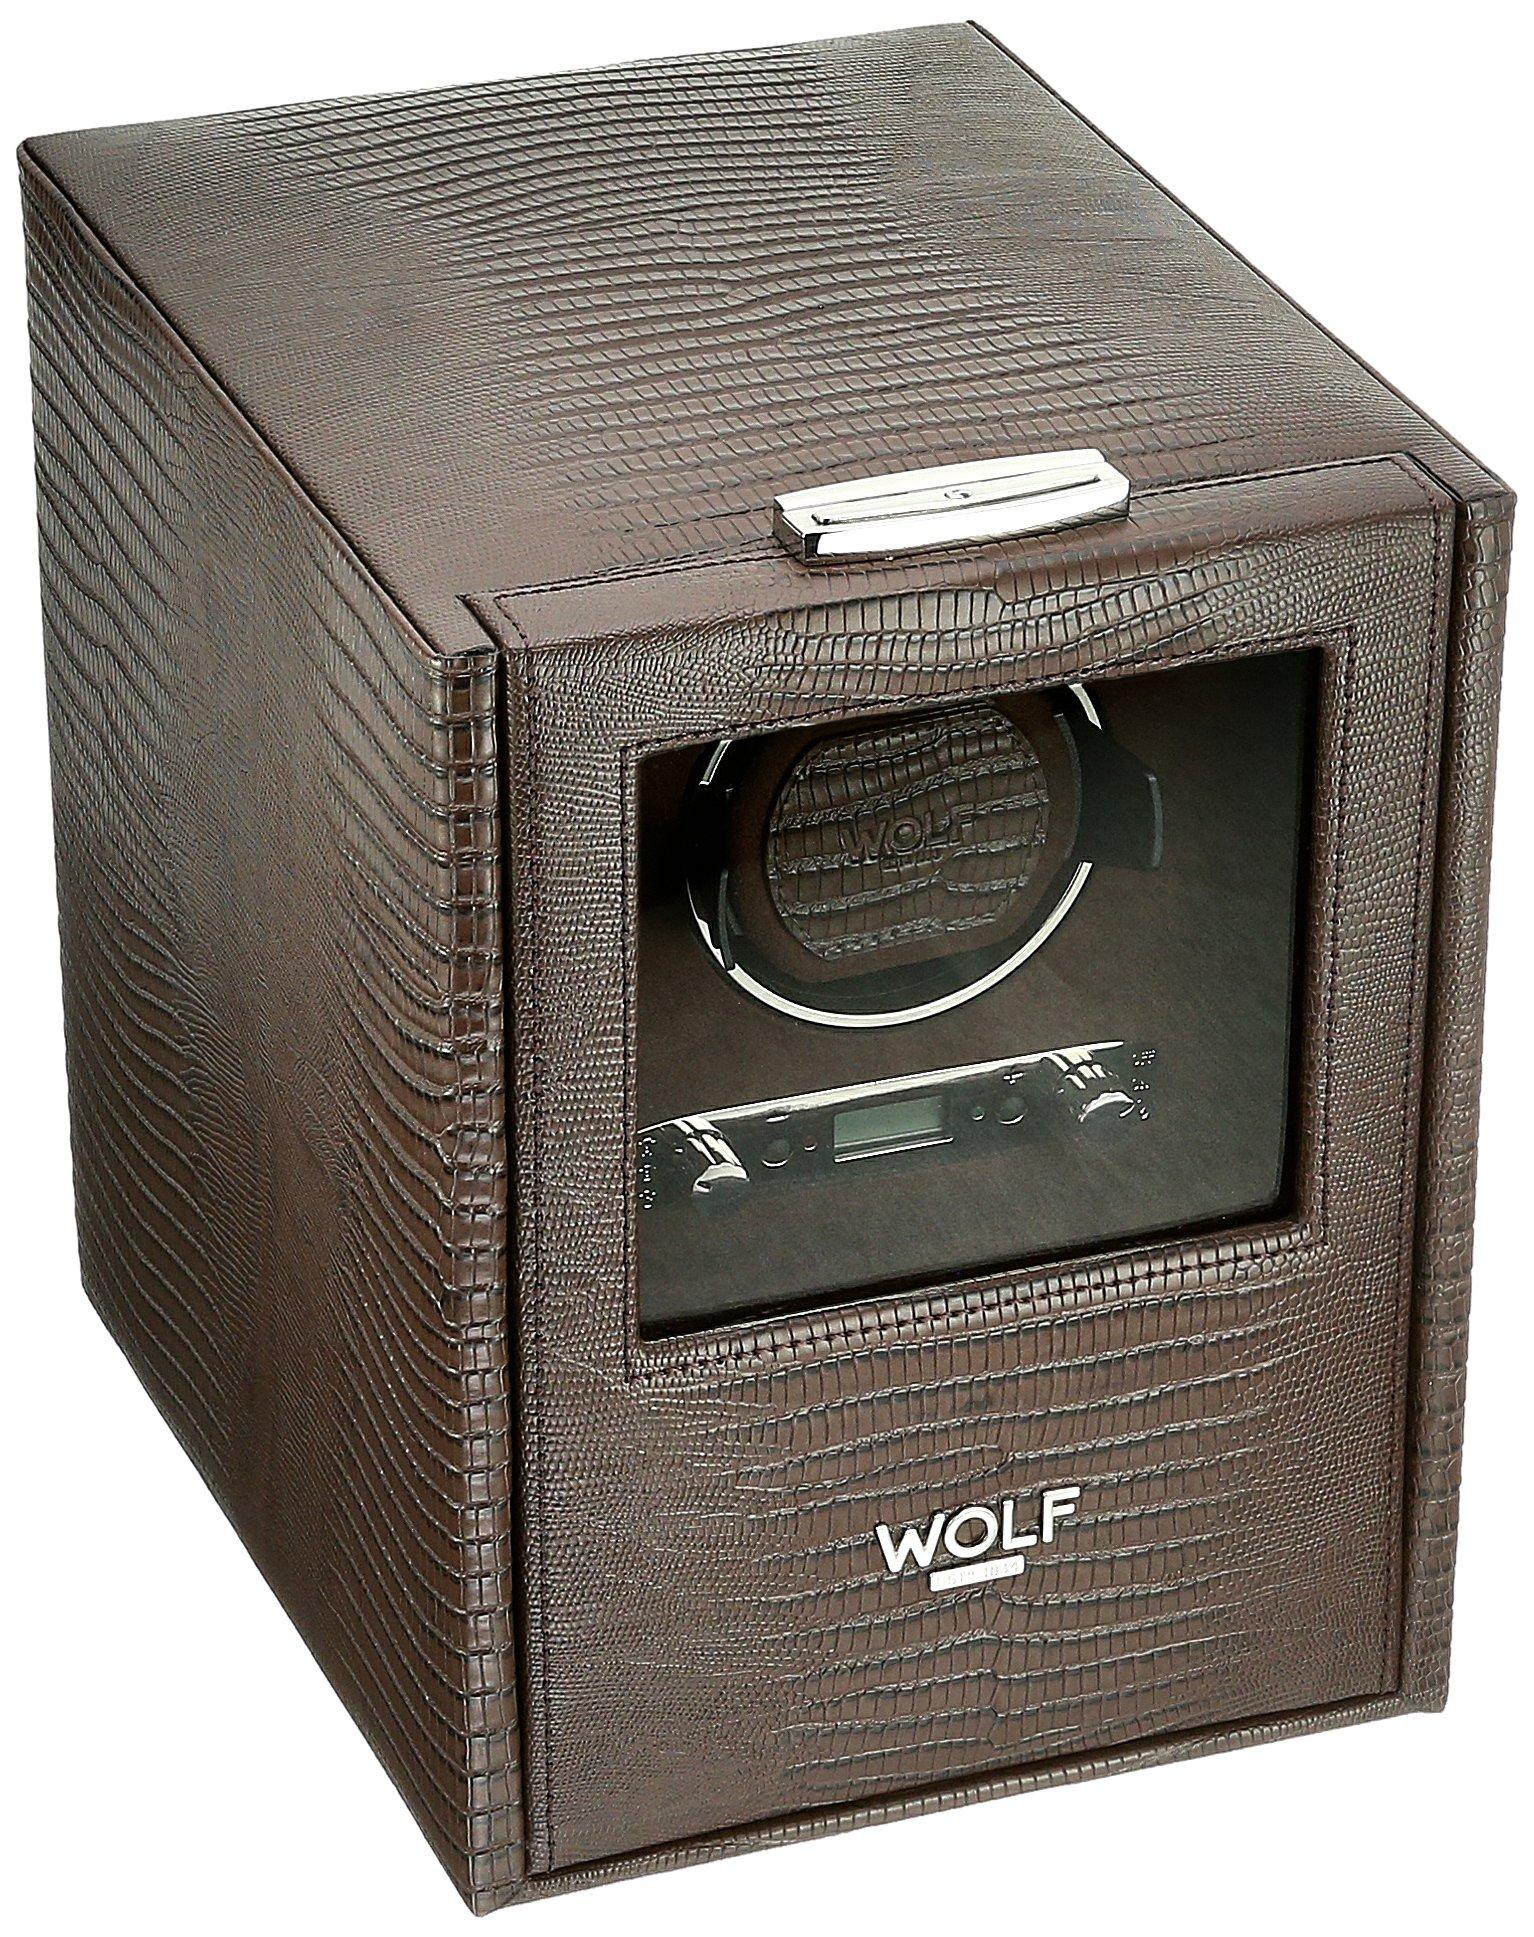 WOLF 460695 Blake Single Watch Winder with Storage, Brown